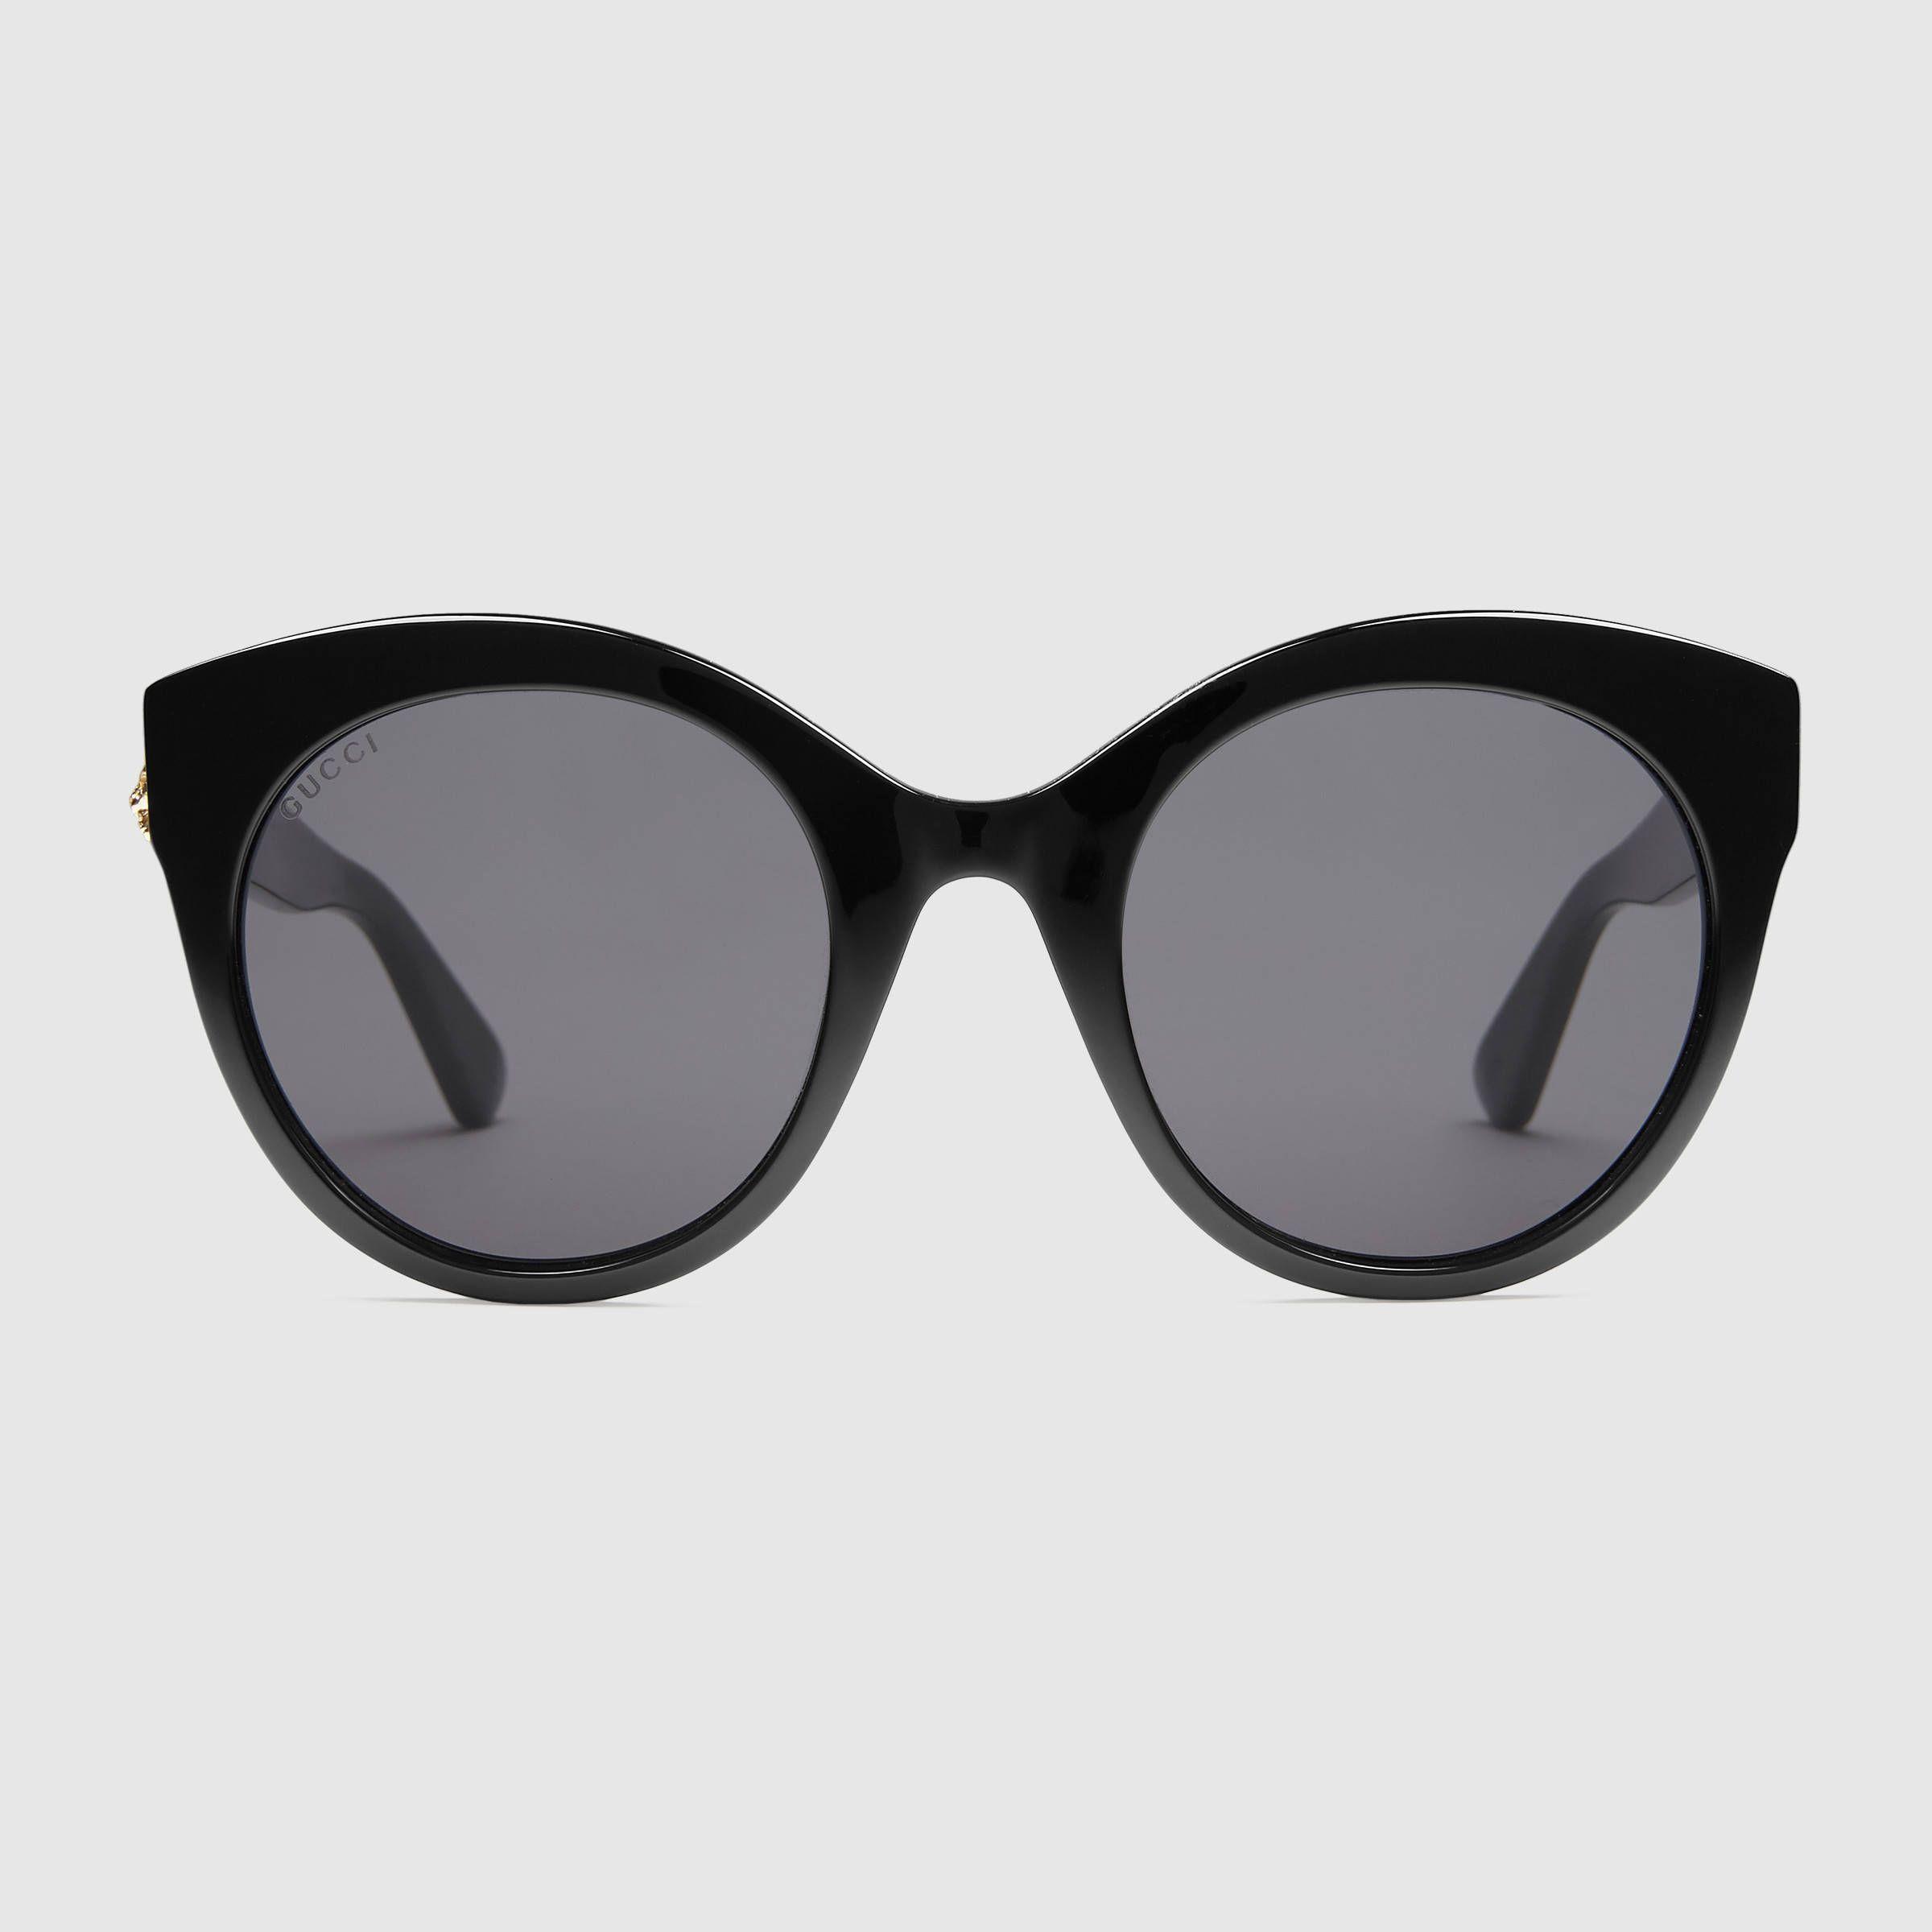 dd49ff7153a Oversize cat eye acetate sunglasses GUCCI